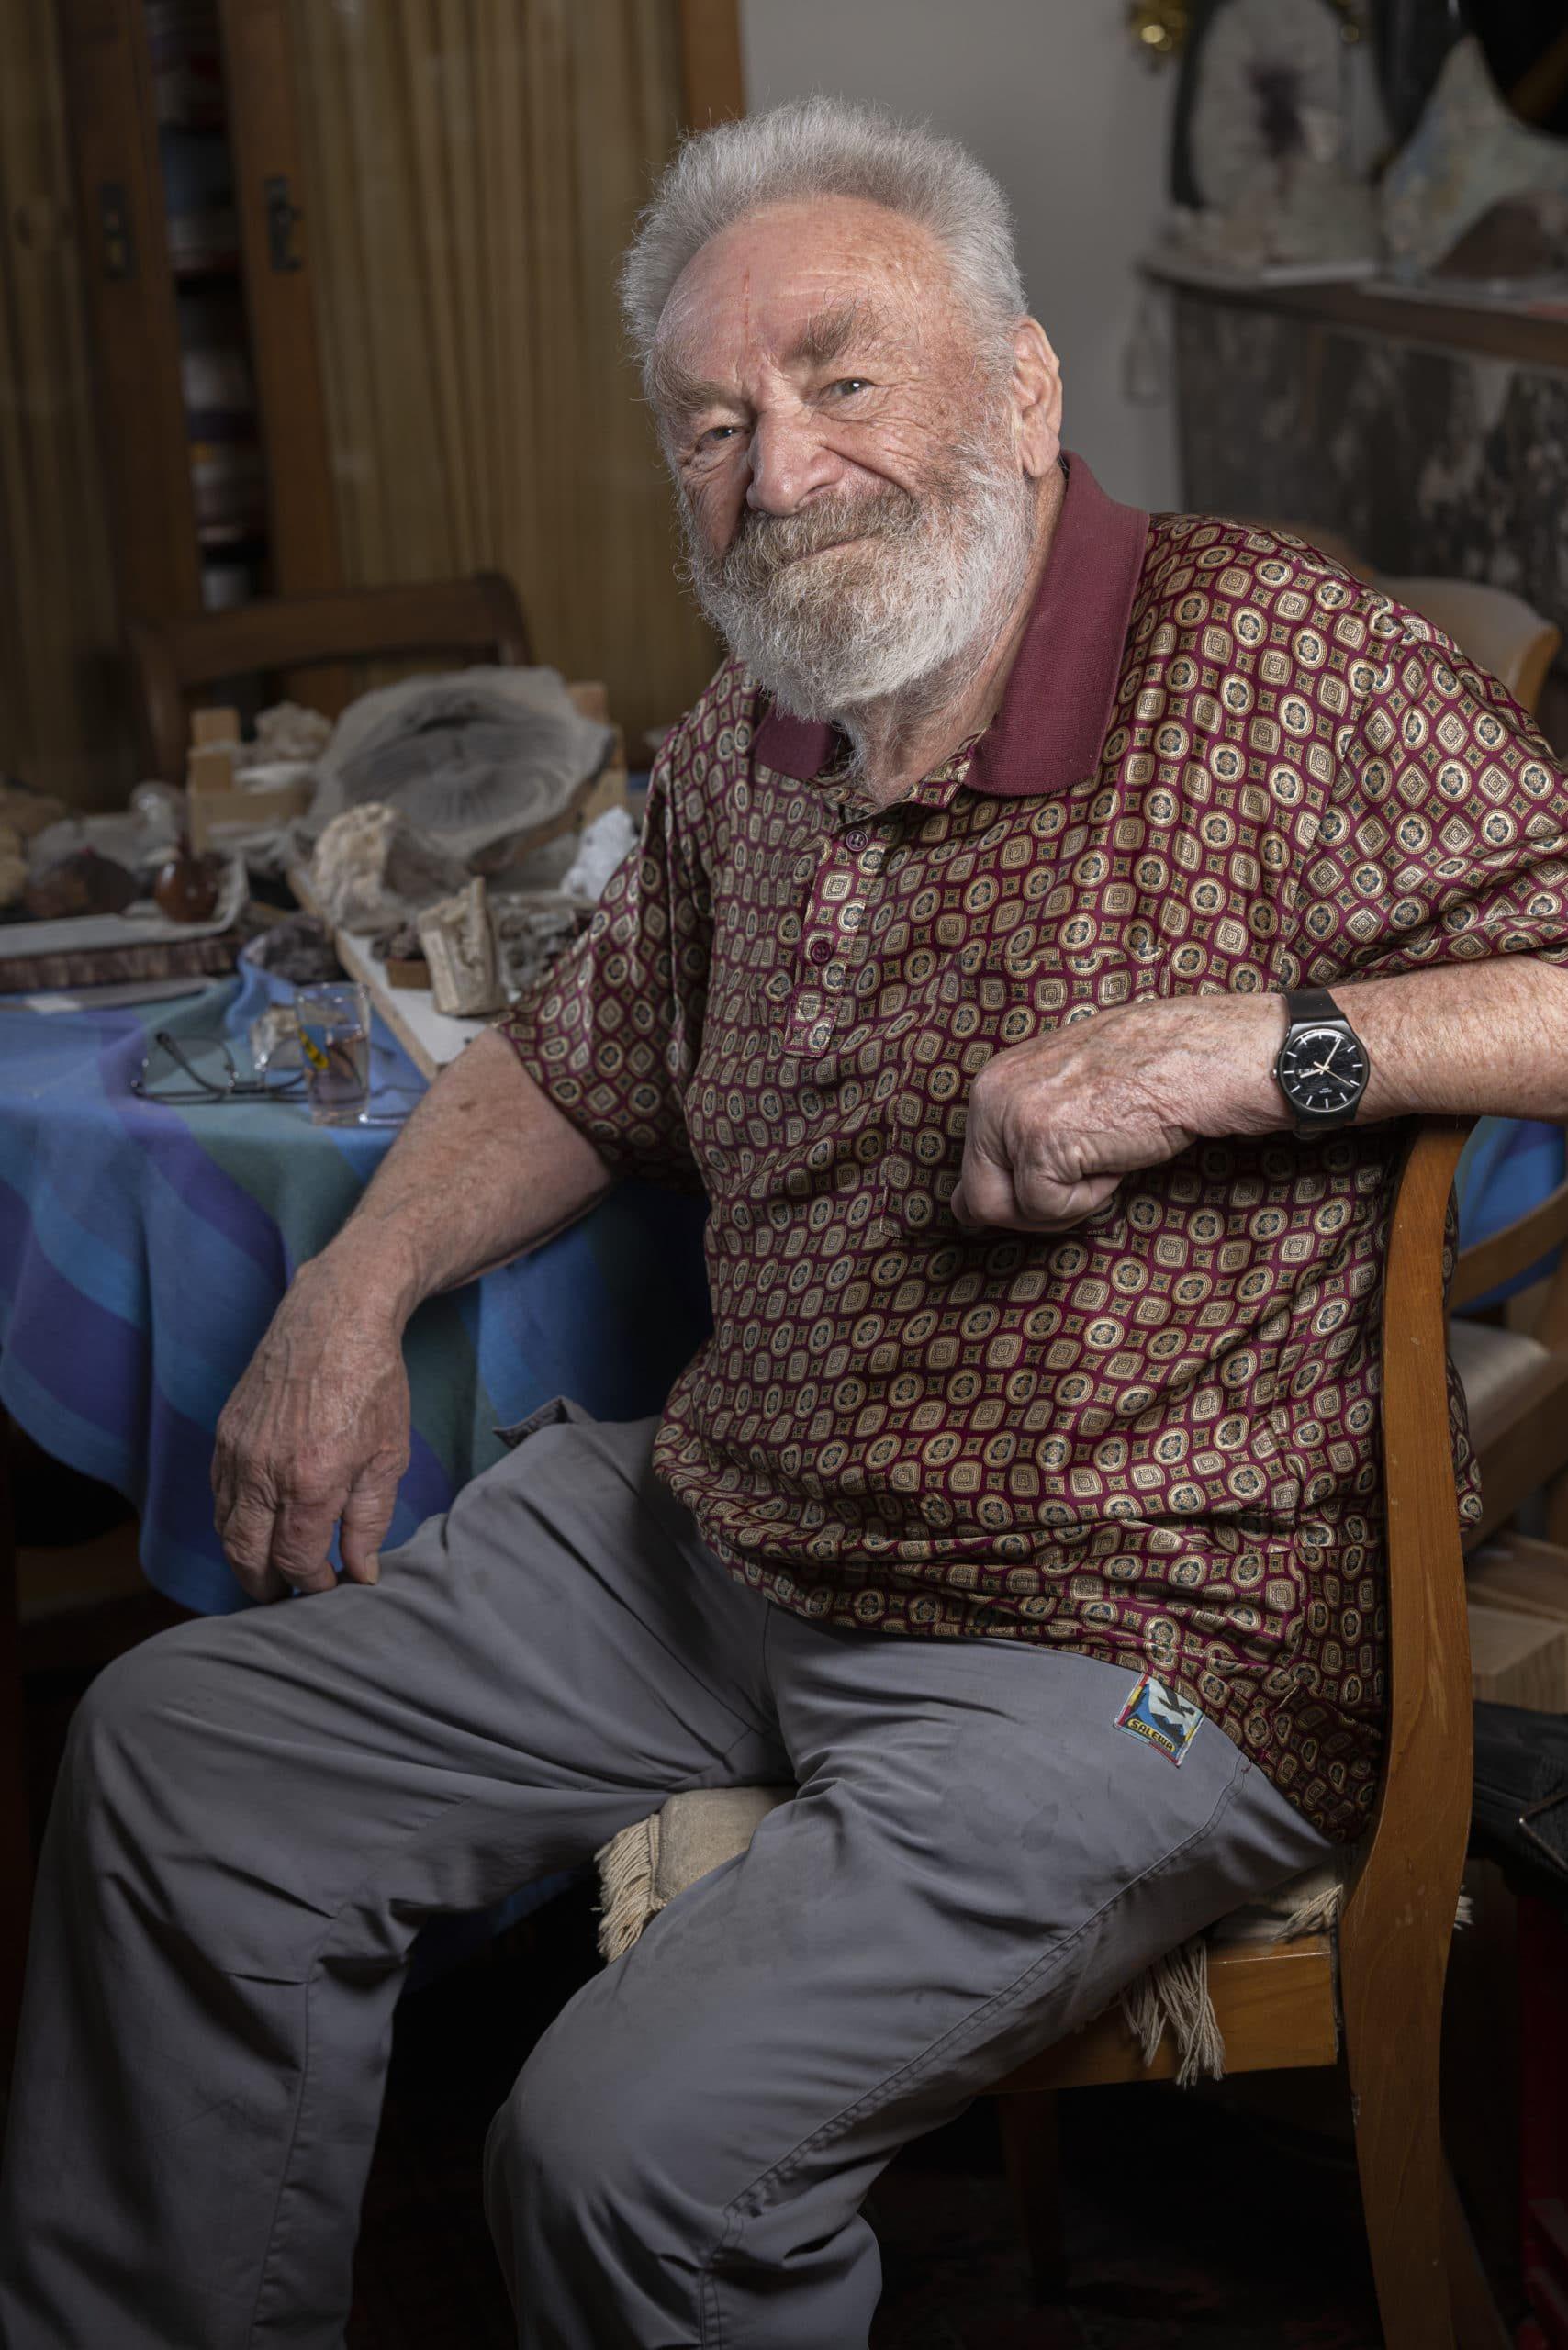 Portrait de Josef, membre du Forum Citoyen de Genève